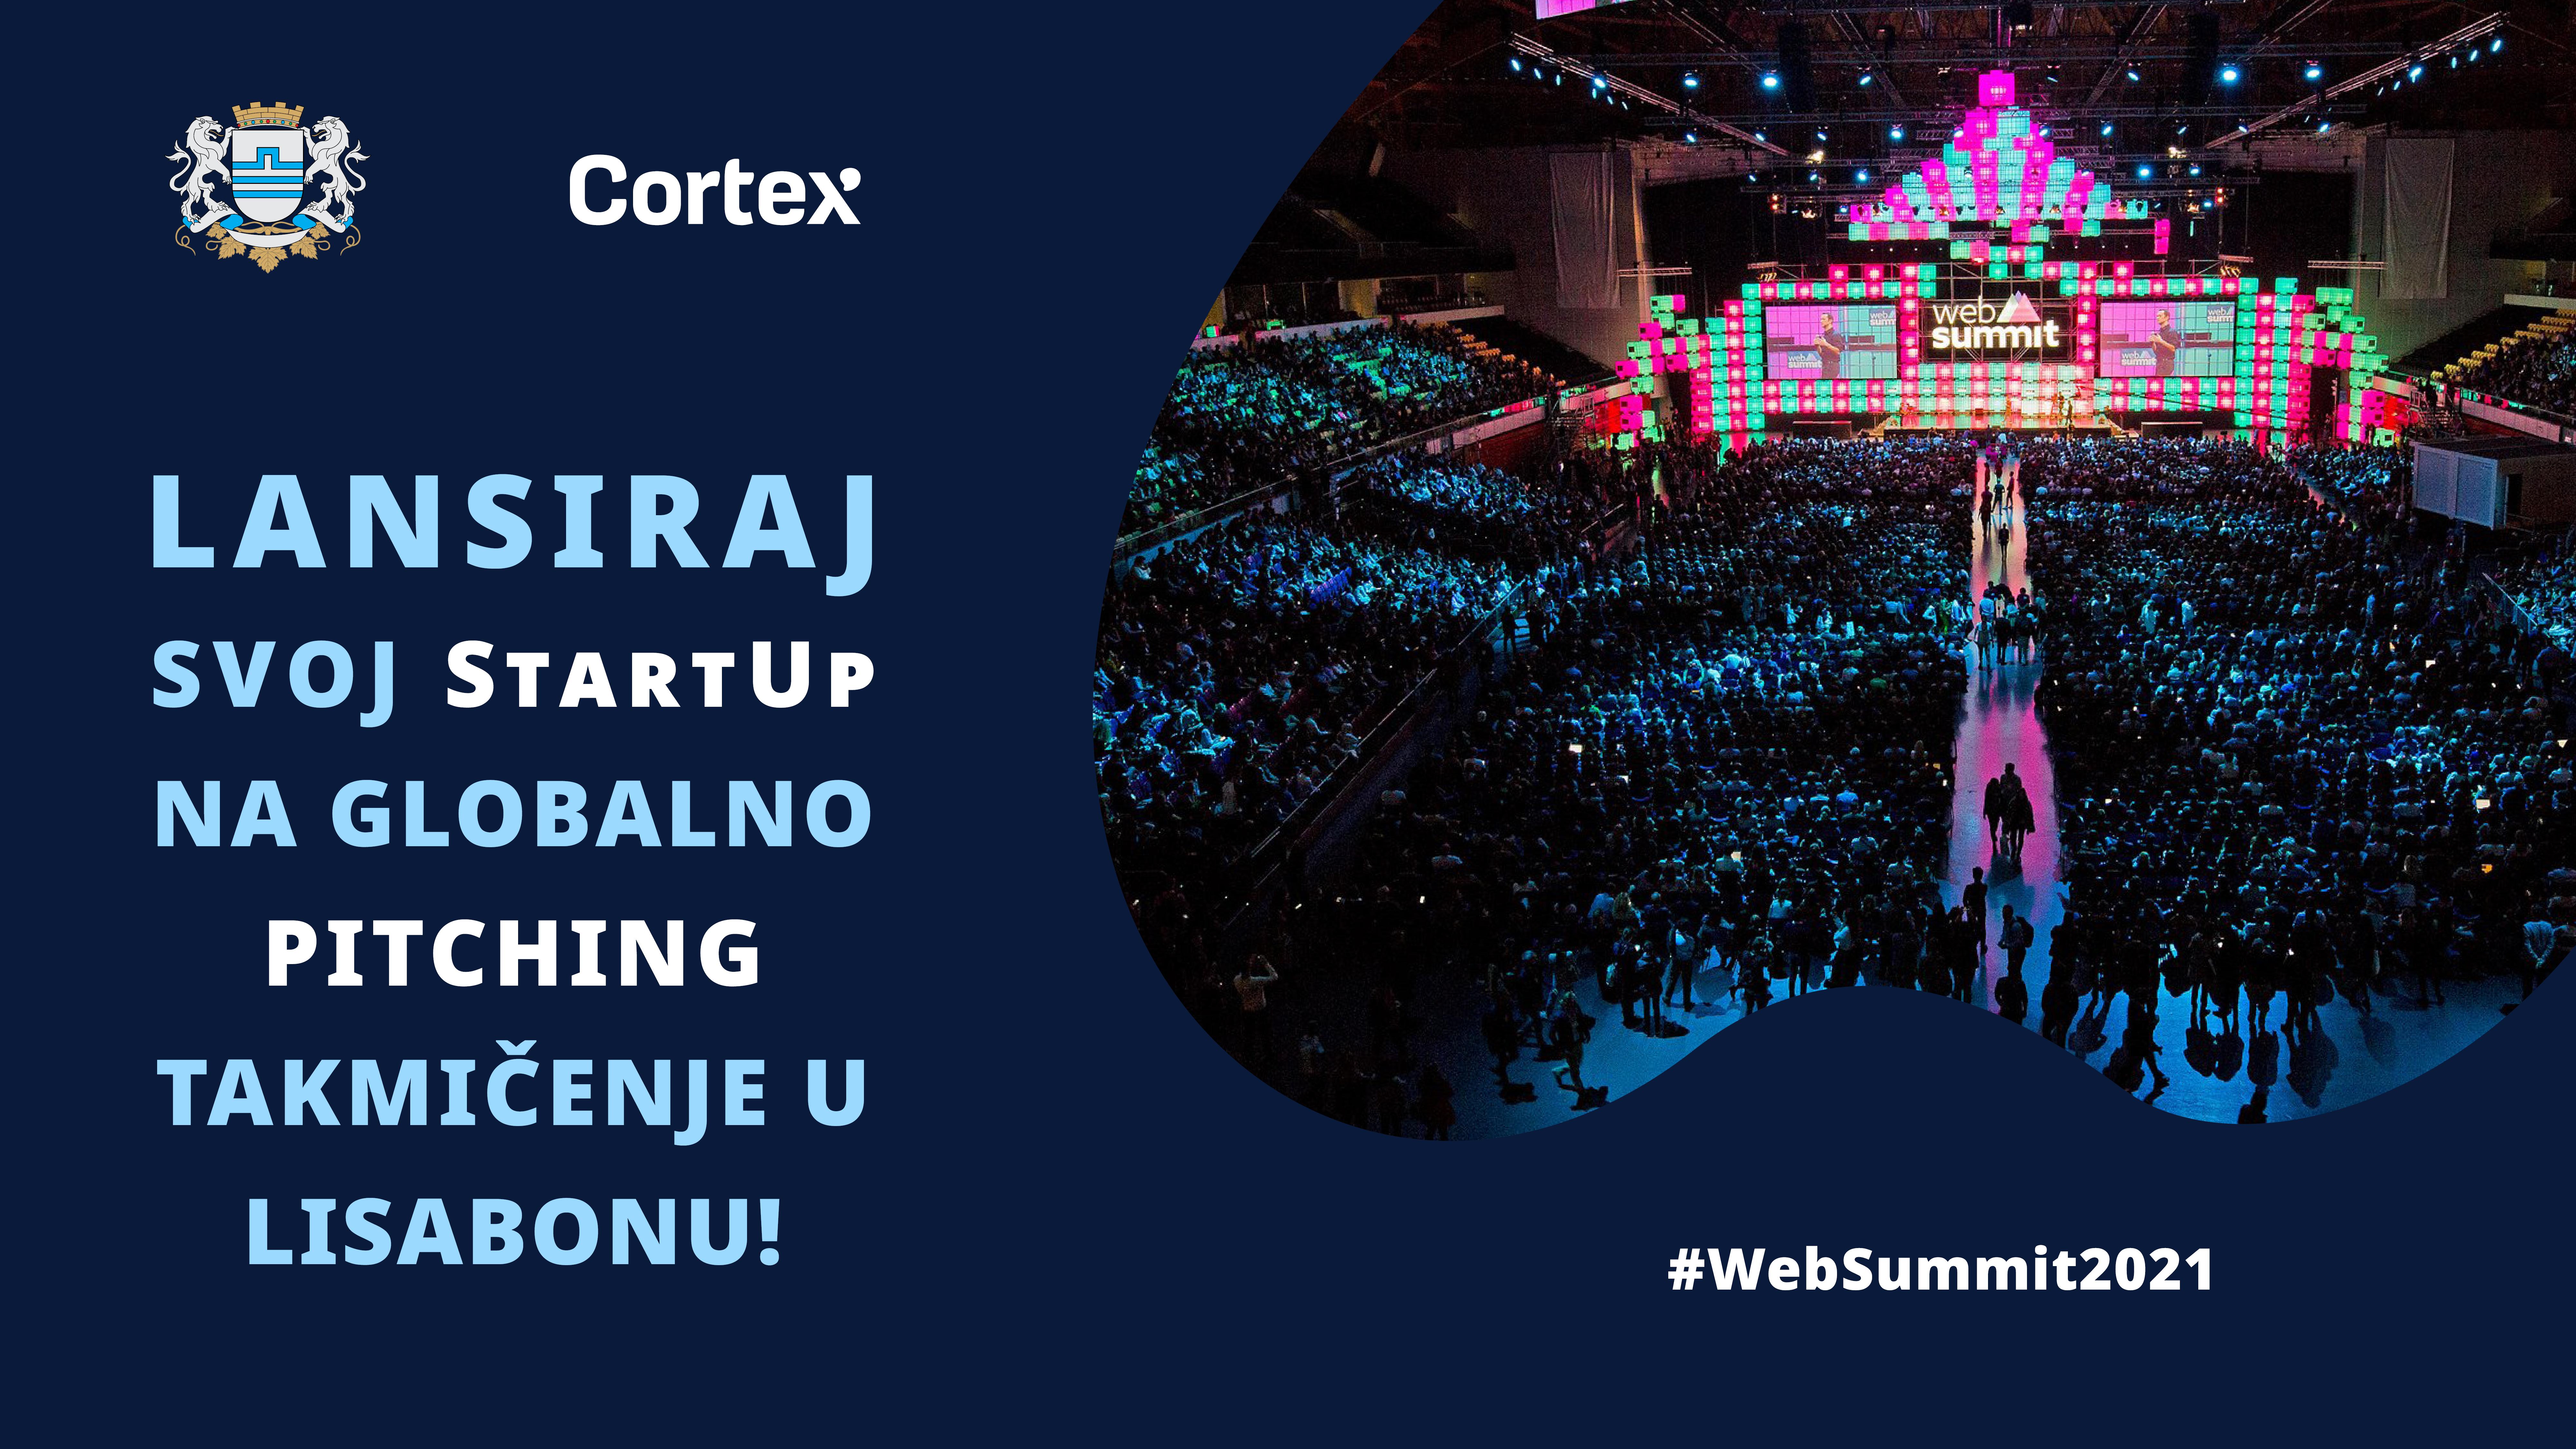 Najava: Konkurs za podršku StartUp ICT biznisu- predstavljanje dobitnika koji će učestvovati na Web Summit-u u Lisabonu